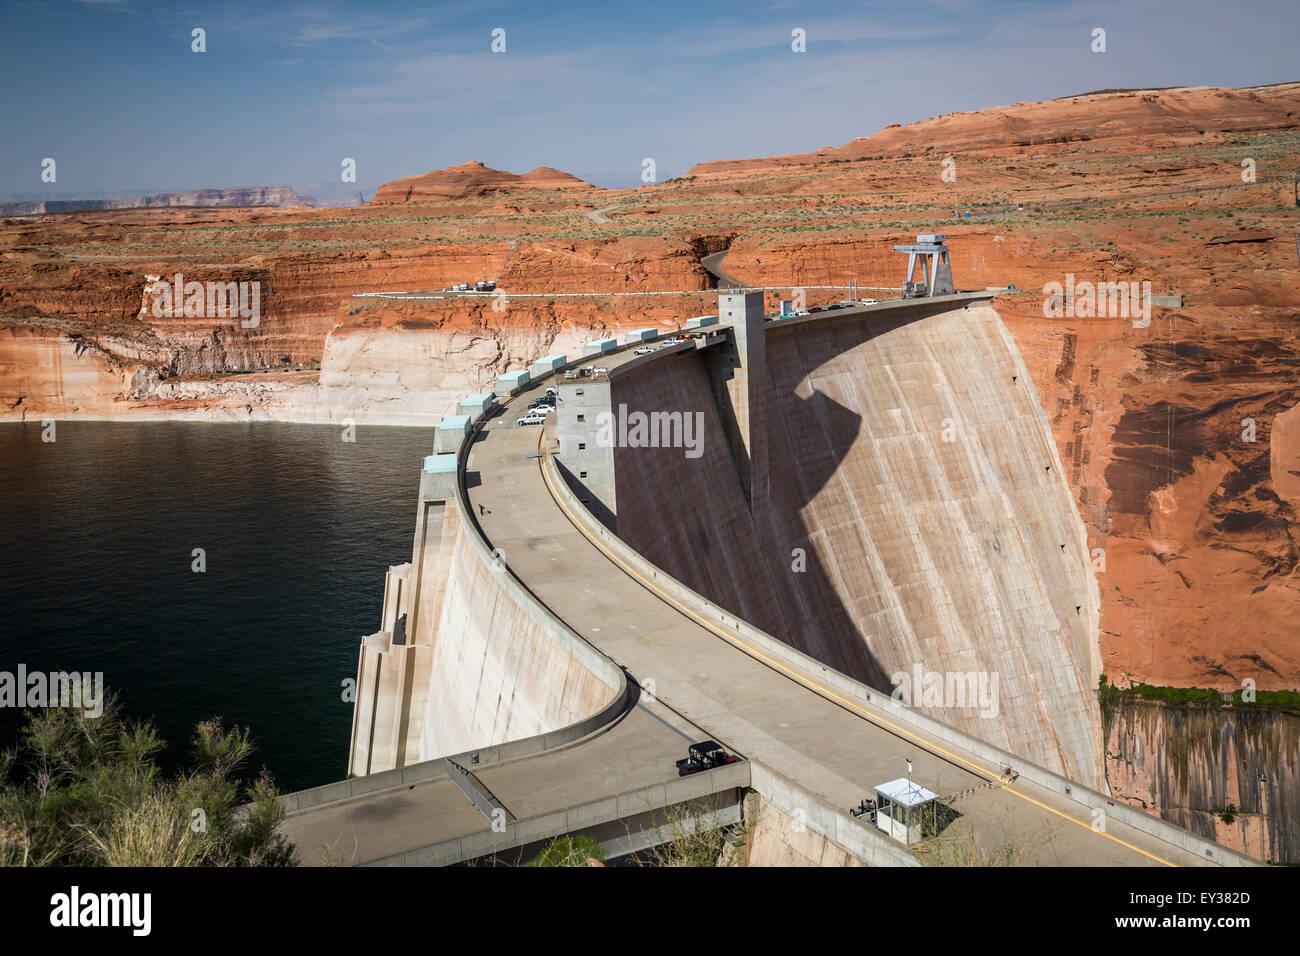 Le barrage de Glen Canyon sur le Colorado River près de Page, Arizona, USA. Photo Stock